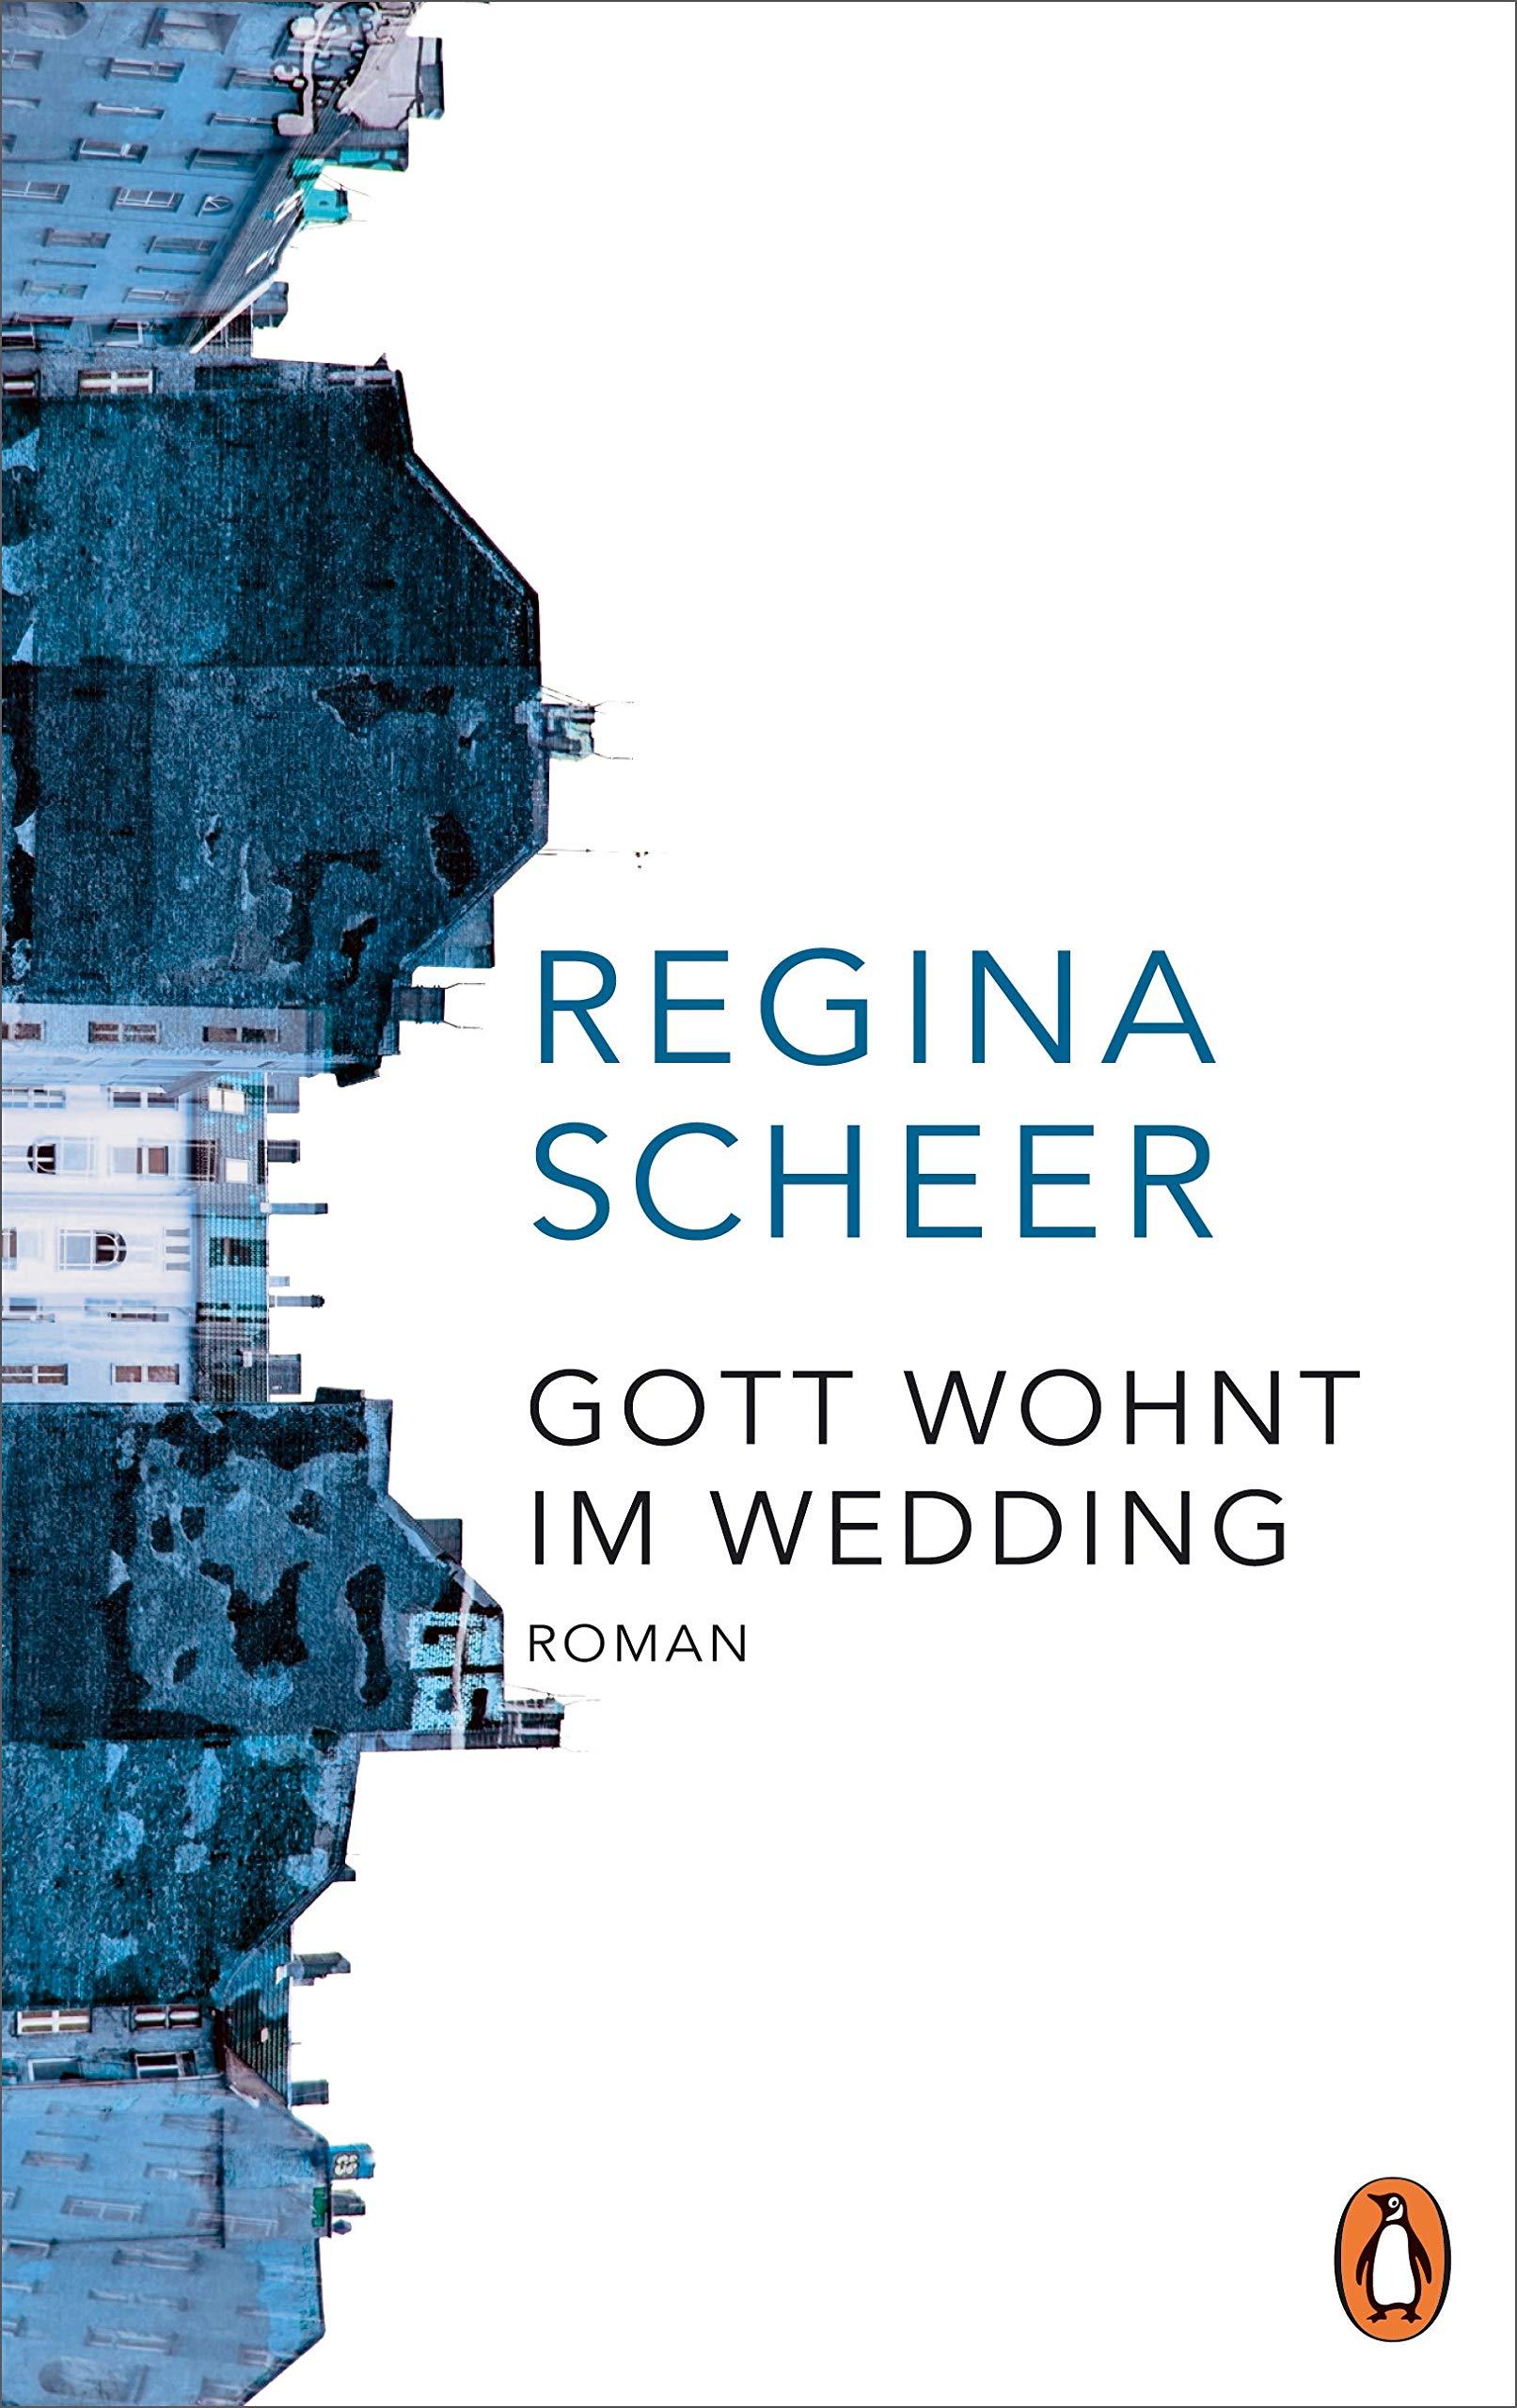 Couverture du roman Gott wohnt im Wedding de Regina Scheer. Façades d'immeubles aux tons bleutés sur fond blanc